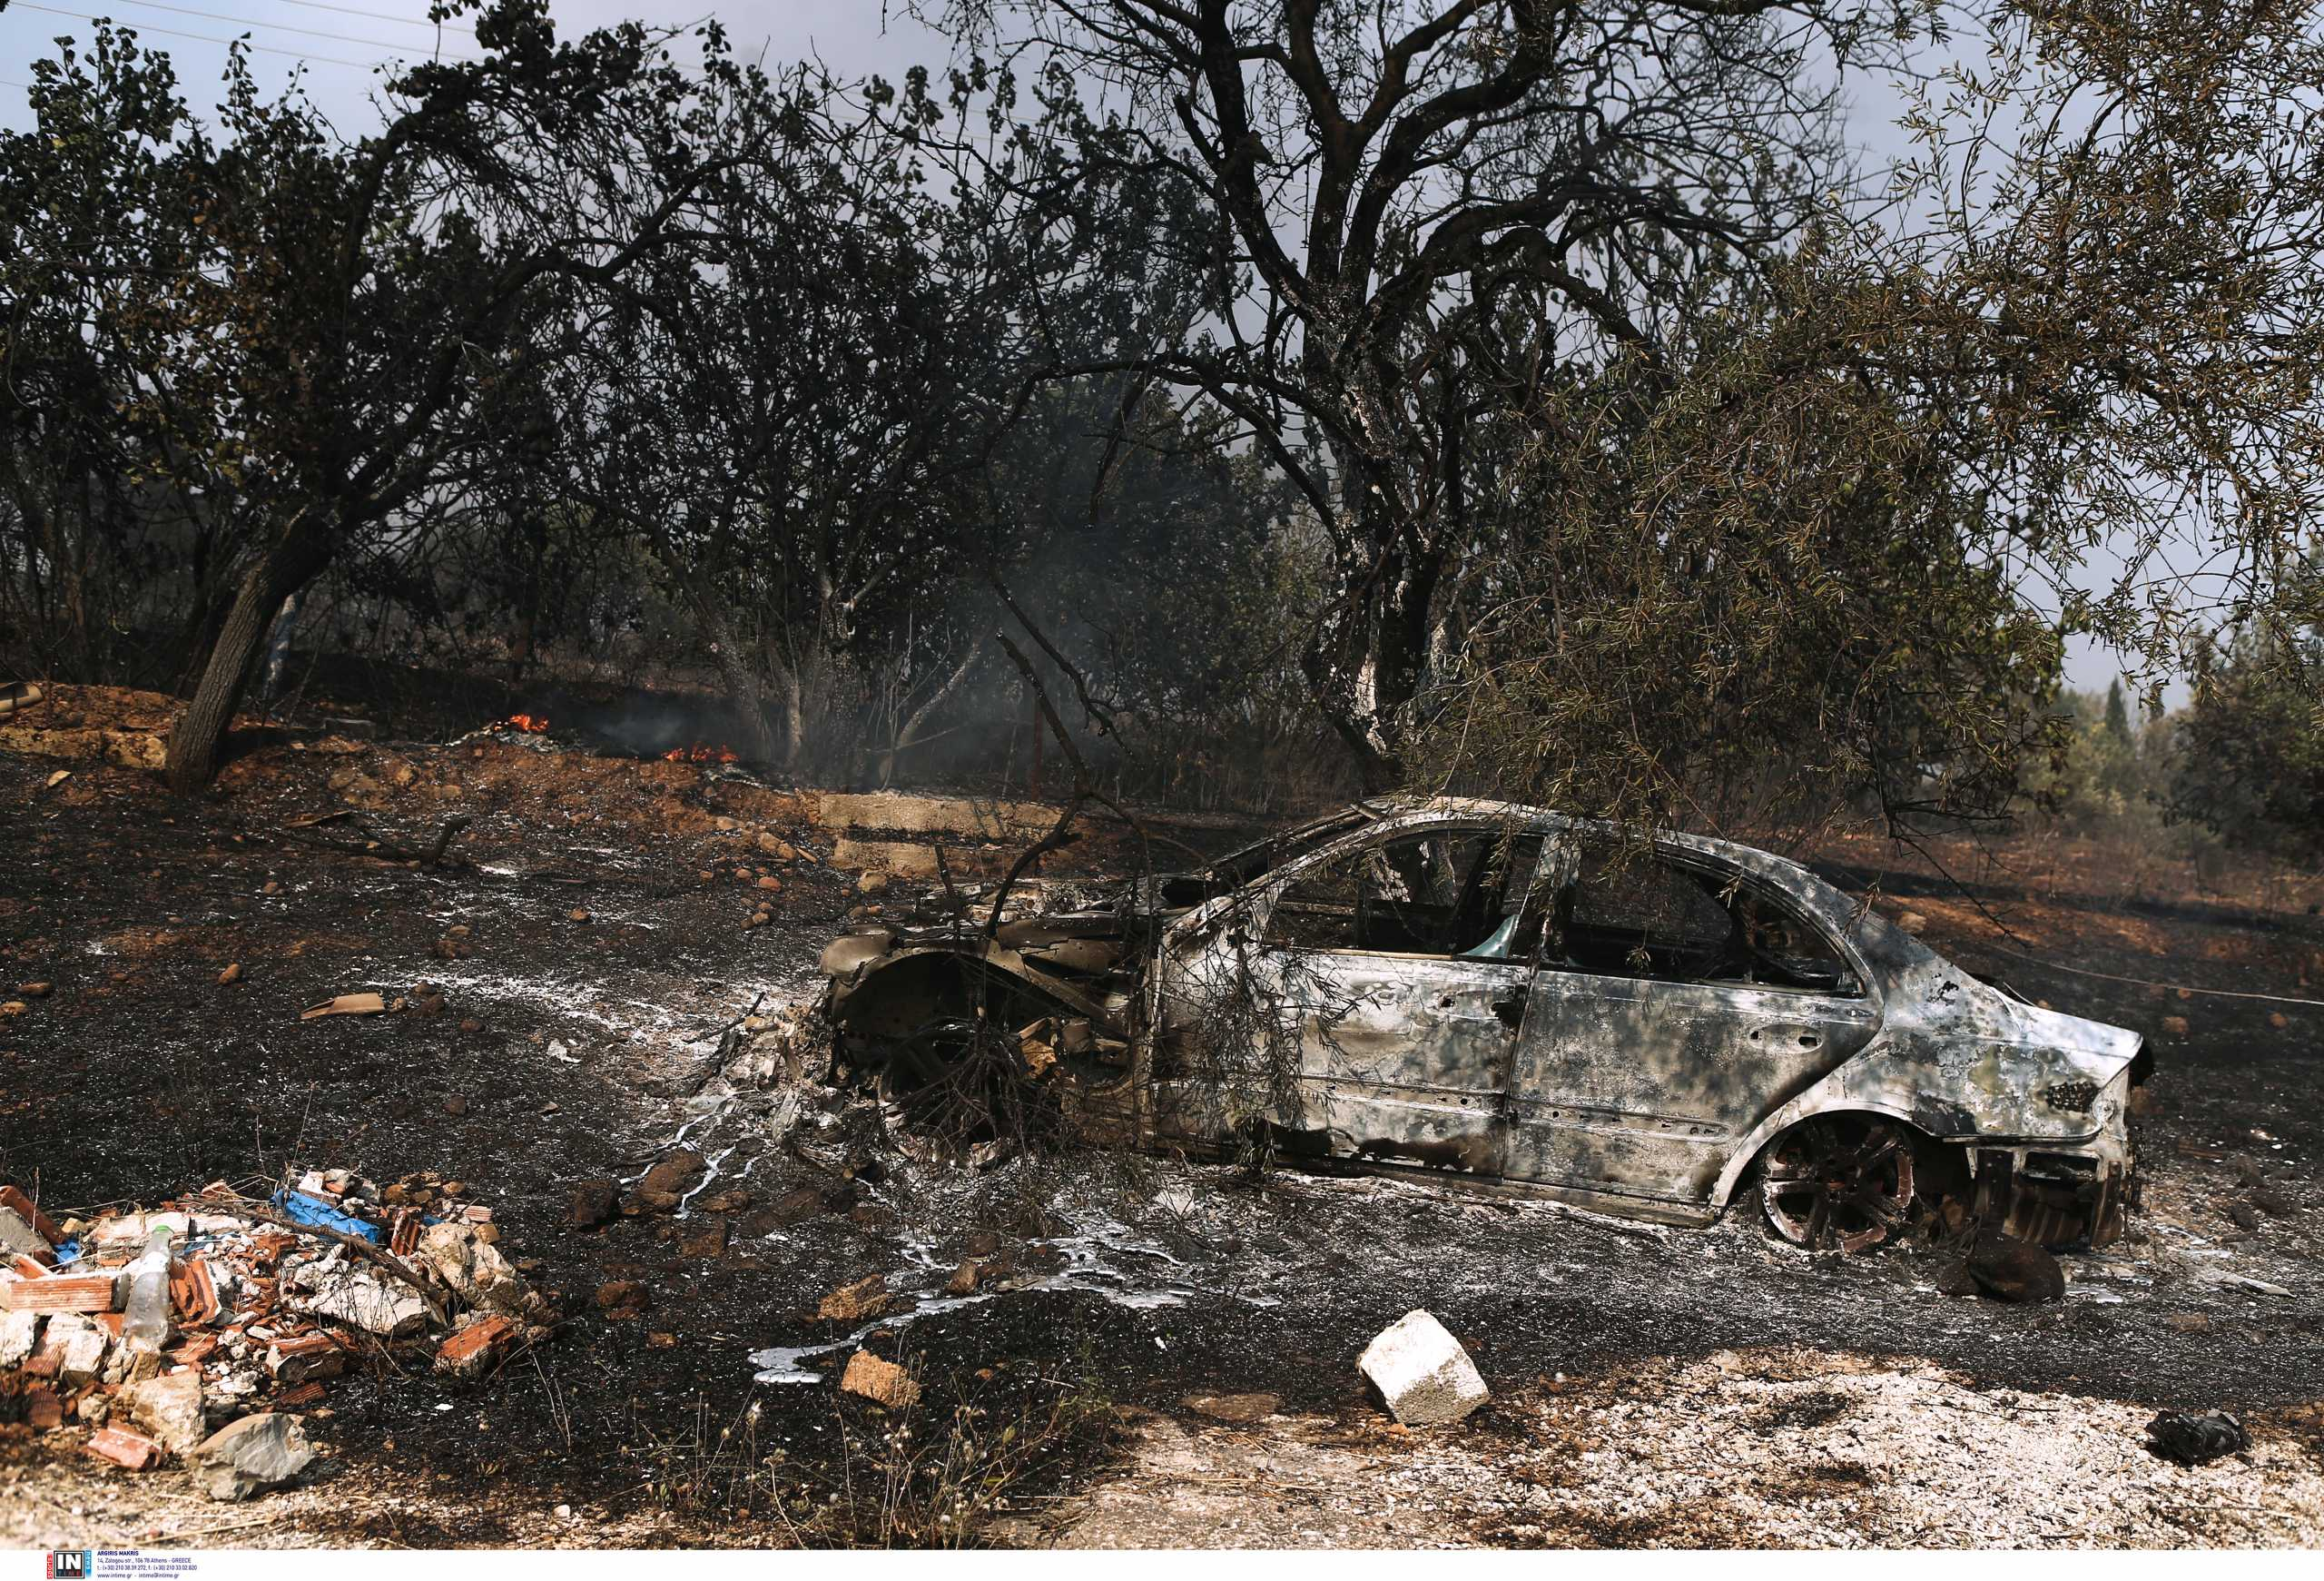 Φωτιές στην Ελλάδα: Πολύ υψηλός ο κίνδυνος πυρκαγιά σε πέντε περιφέρειες